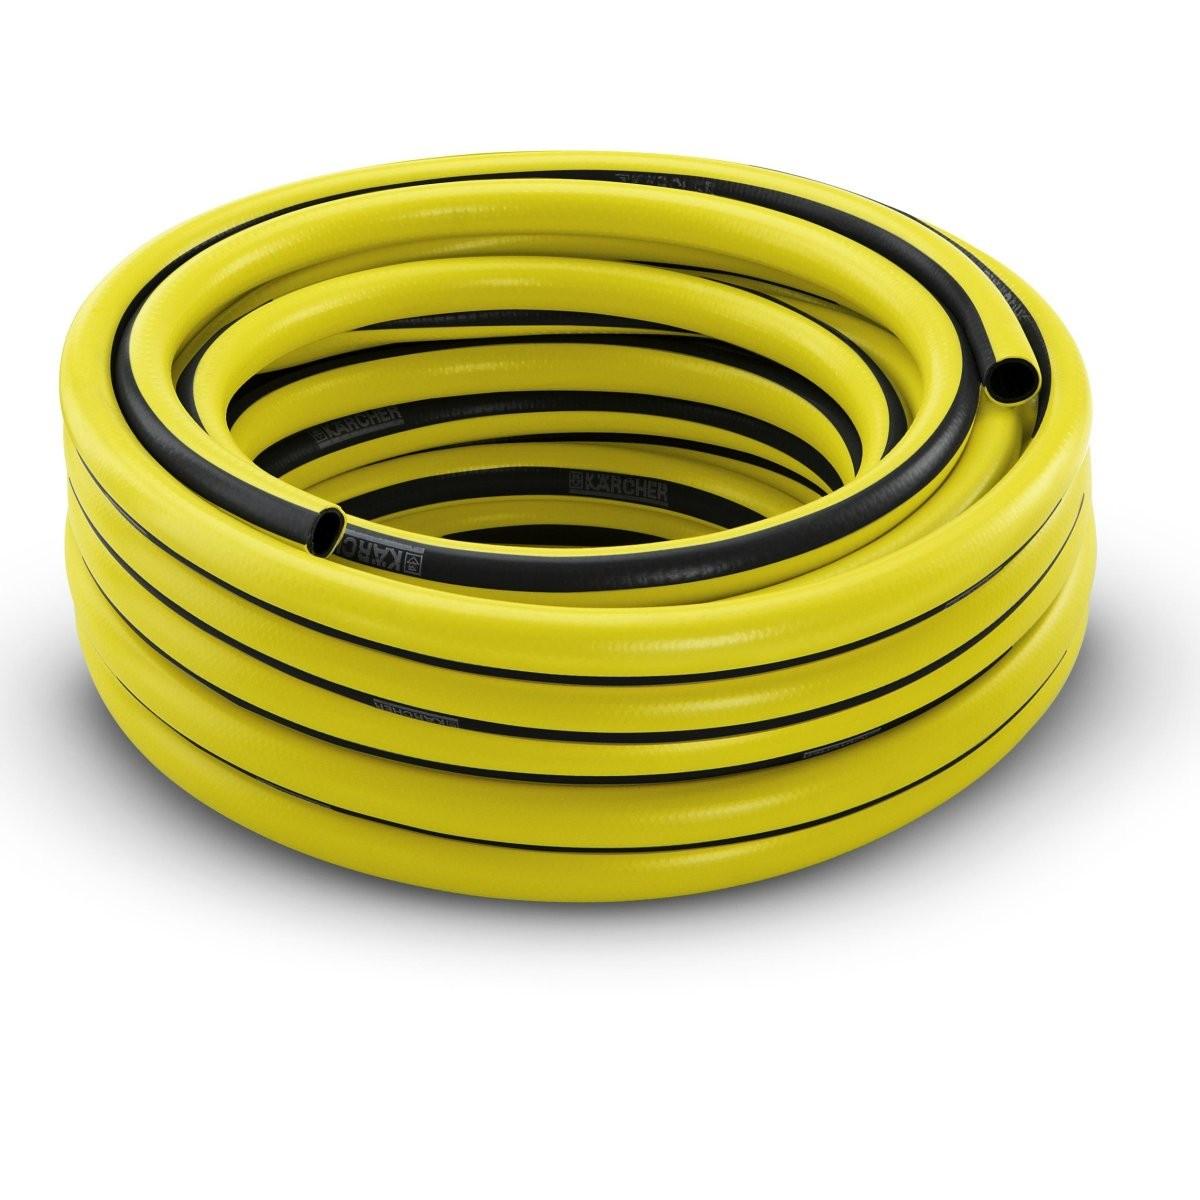 1_2_inch_primoflex_hose_20m_karcher_garden_watering_range_2645138_1